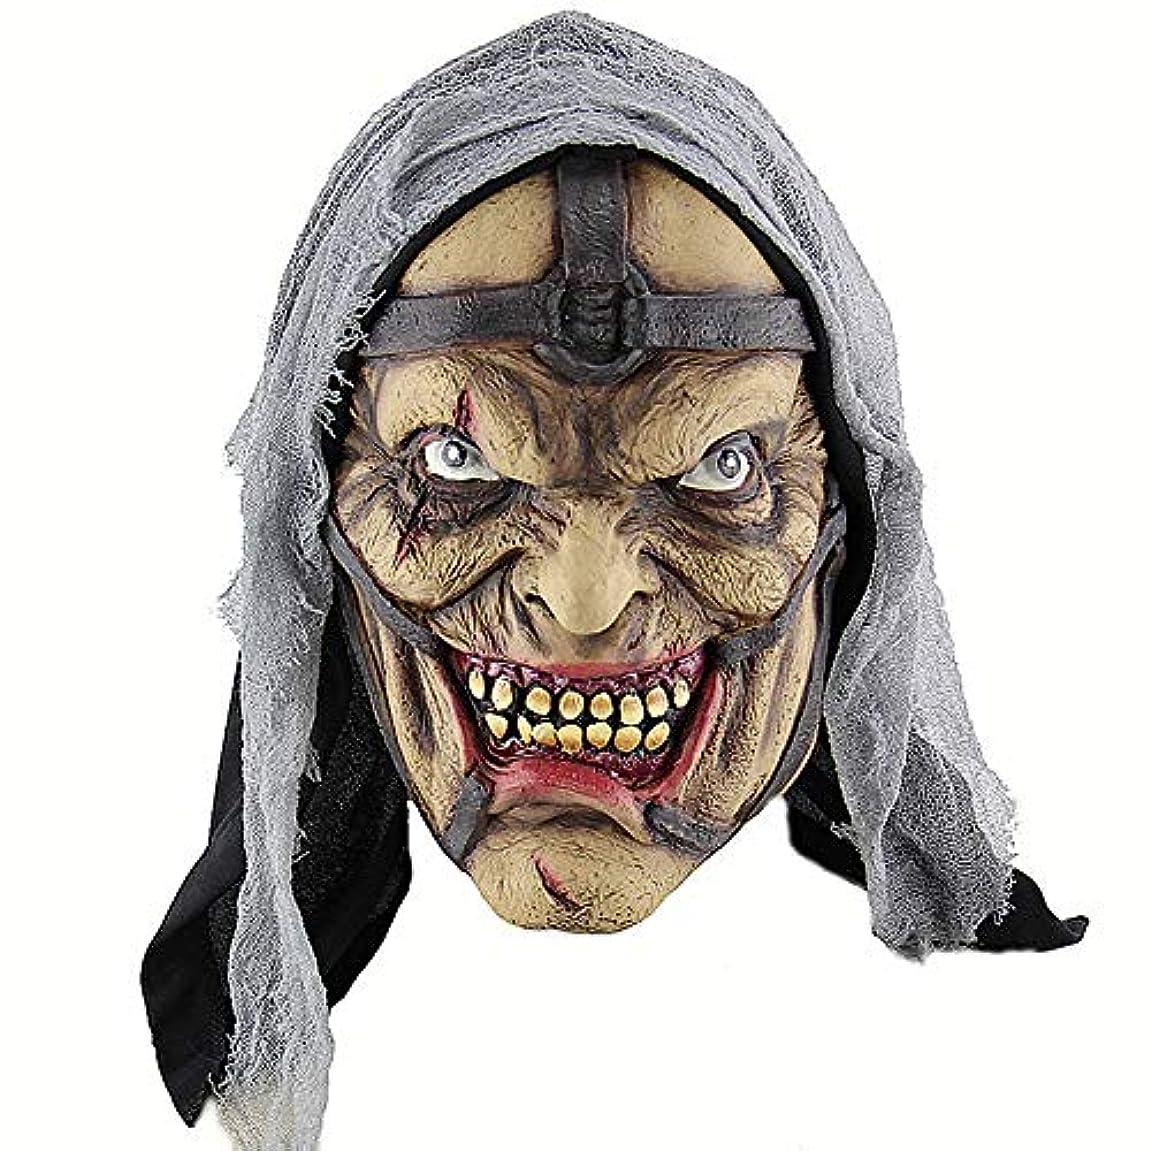 条約神経障害ポンドヘッドギアハロウィーンホラー魔女ポン引きモンスターマスクラテックスゴーストマスクヘッドギア頭囲65cm以下